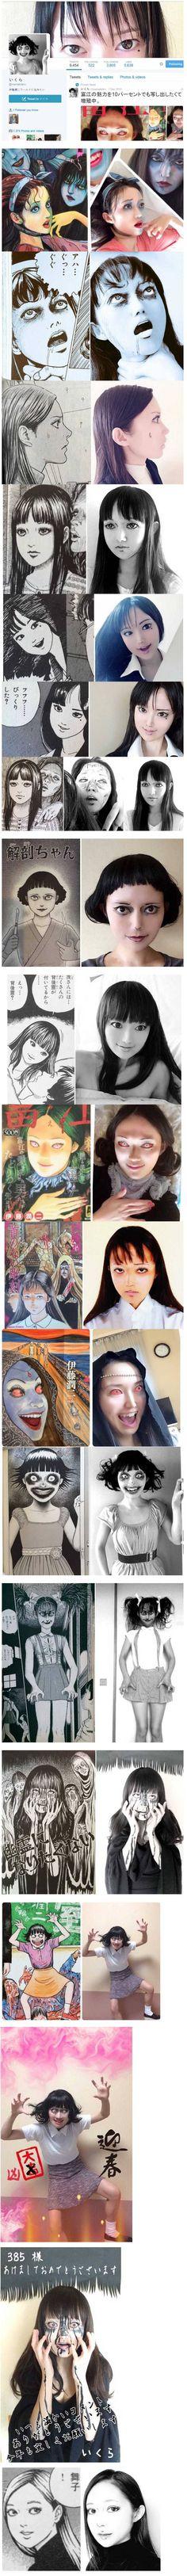 Ito Junji cosplay